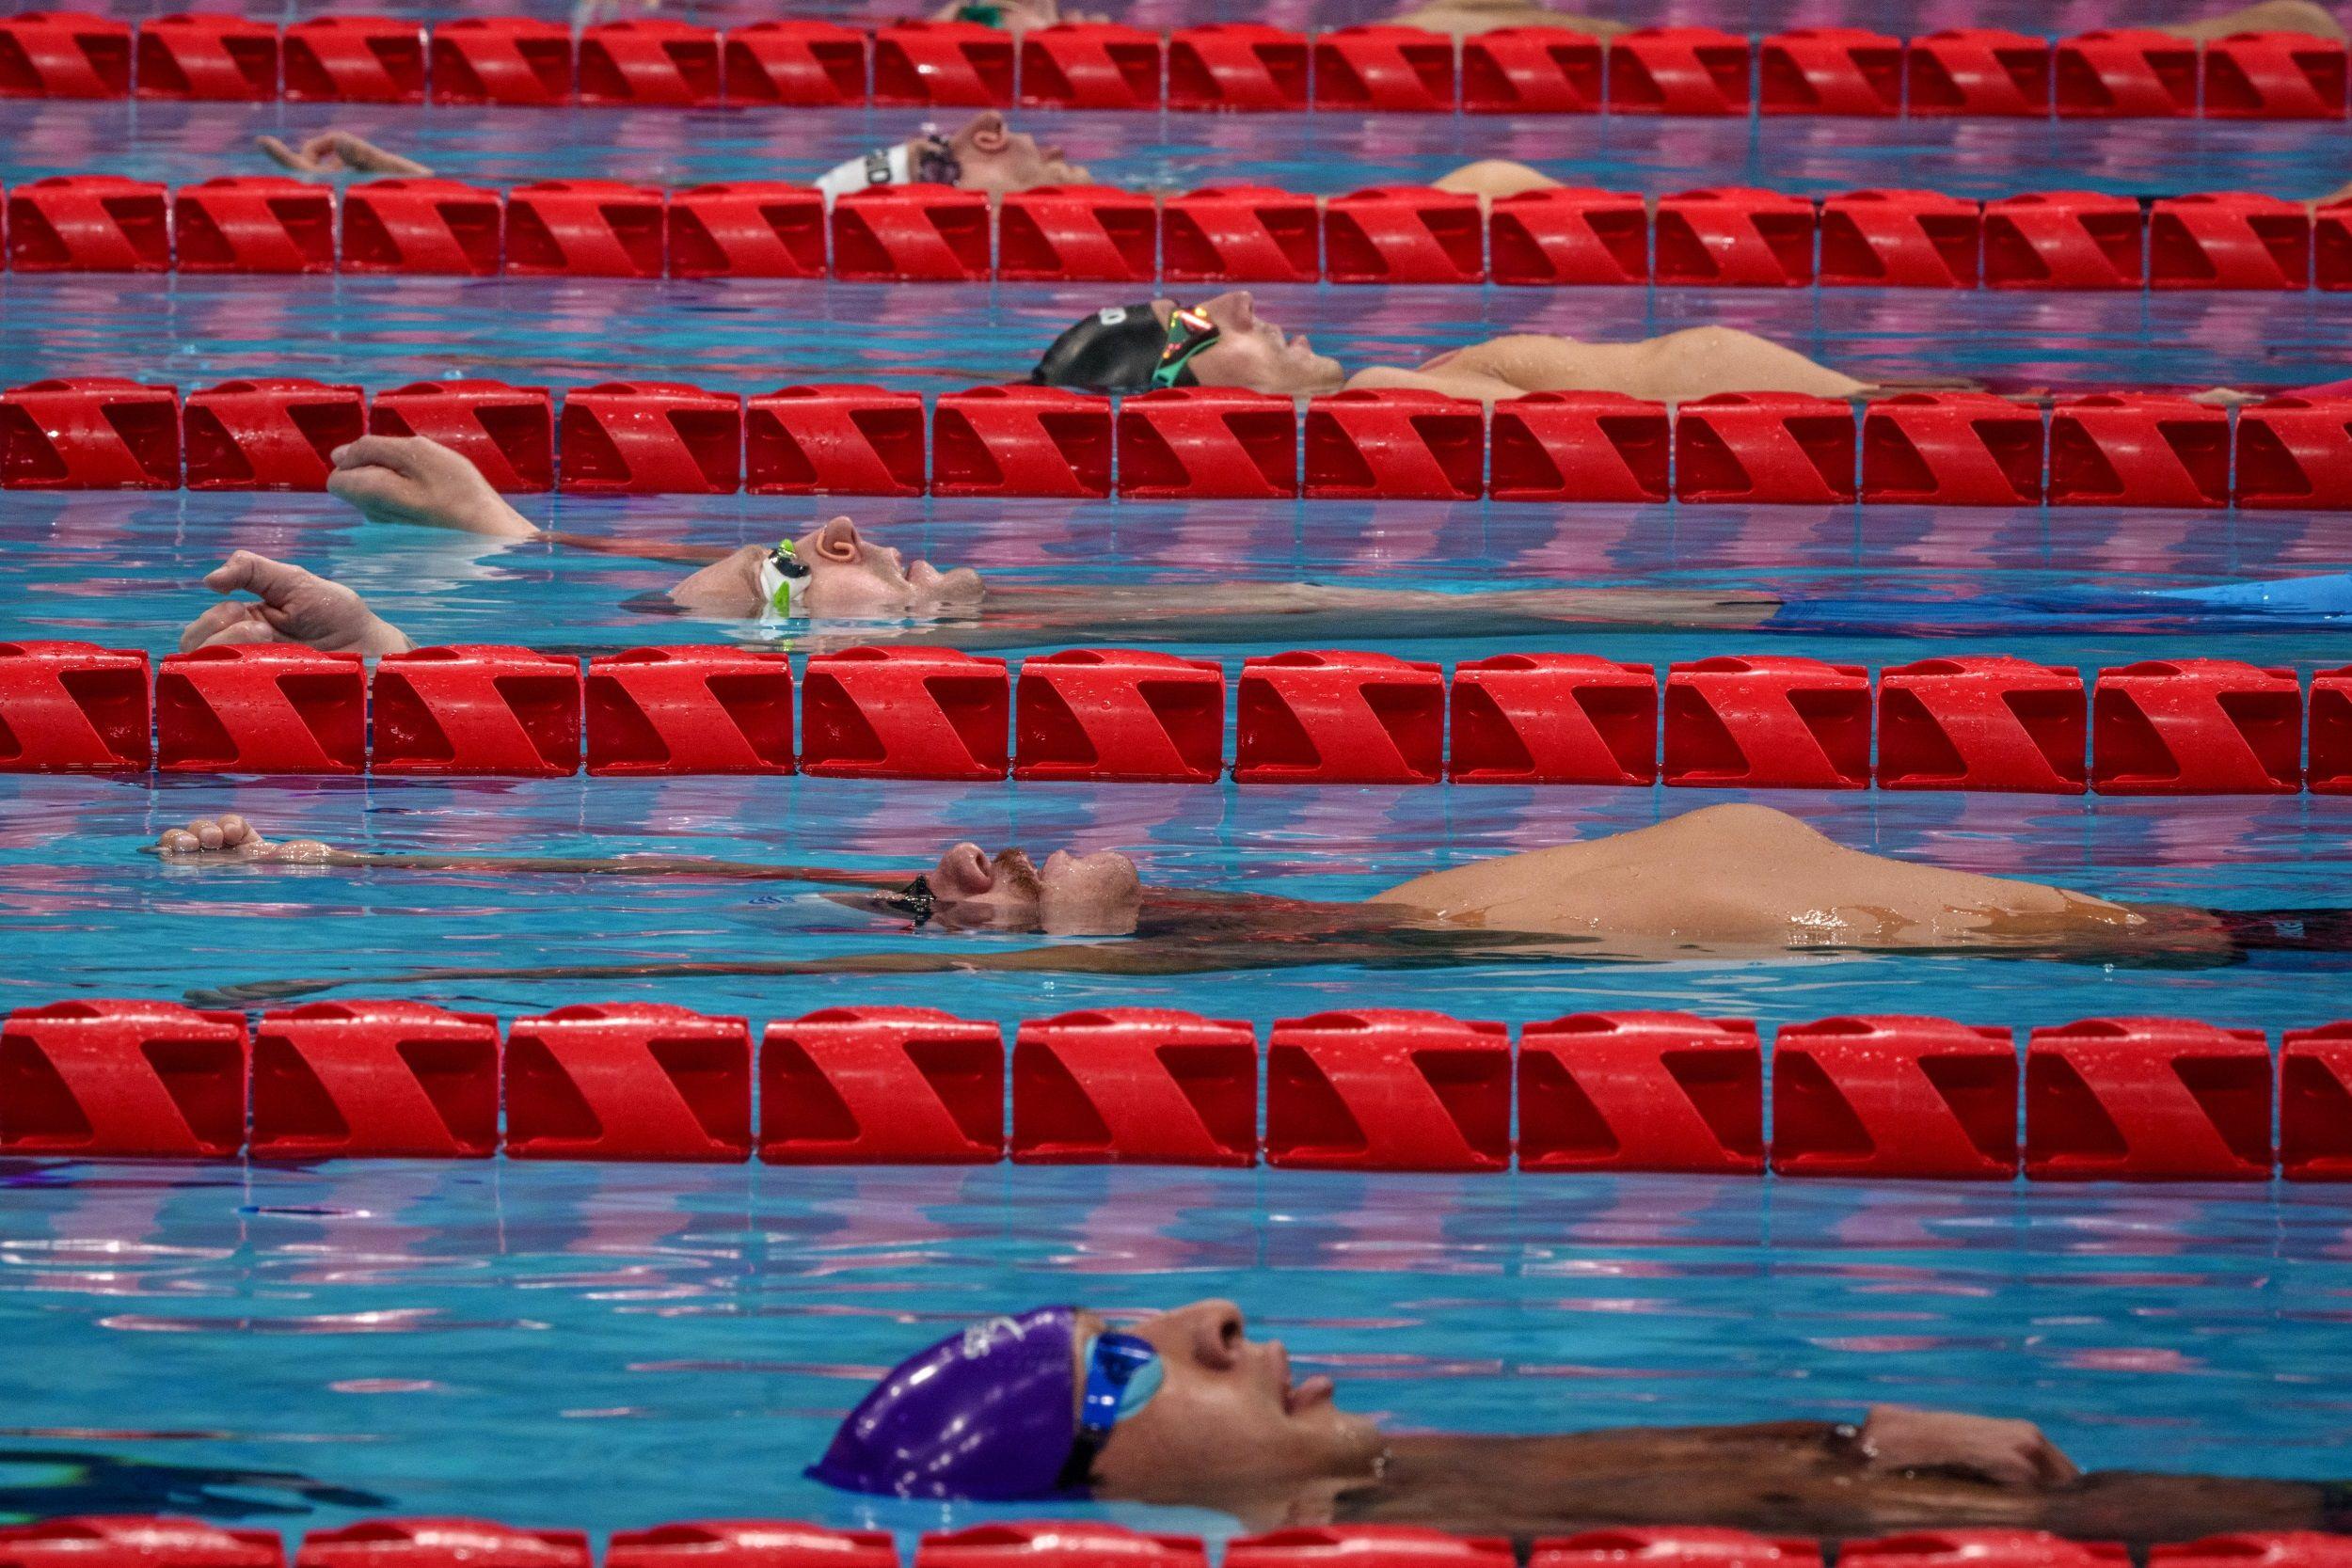 Epreuve de natation du 100 m dos hommes aux Jeux paralympiques de Tokyo 2020, le 25 août 2021